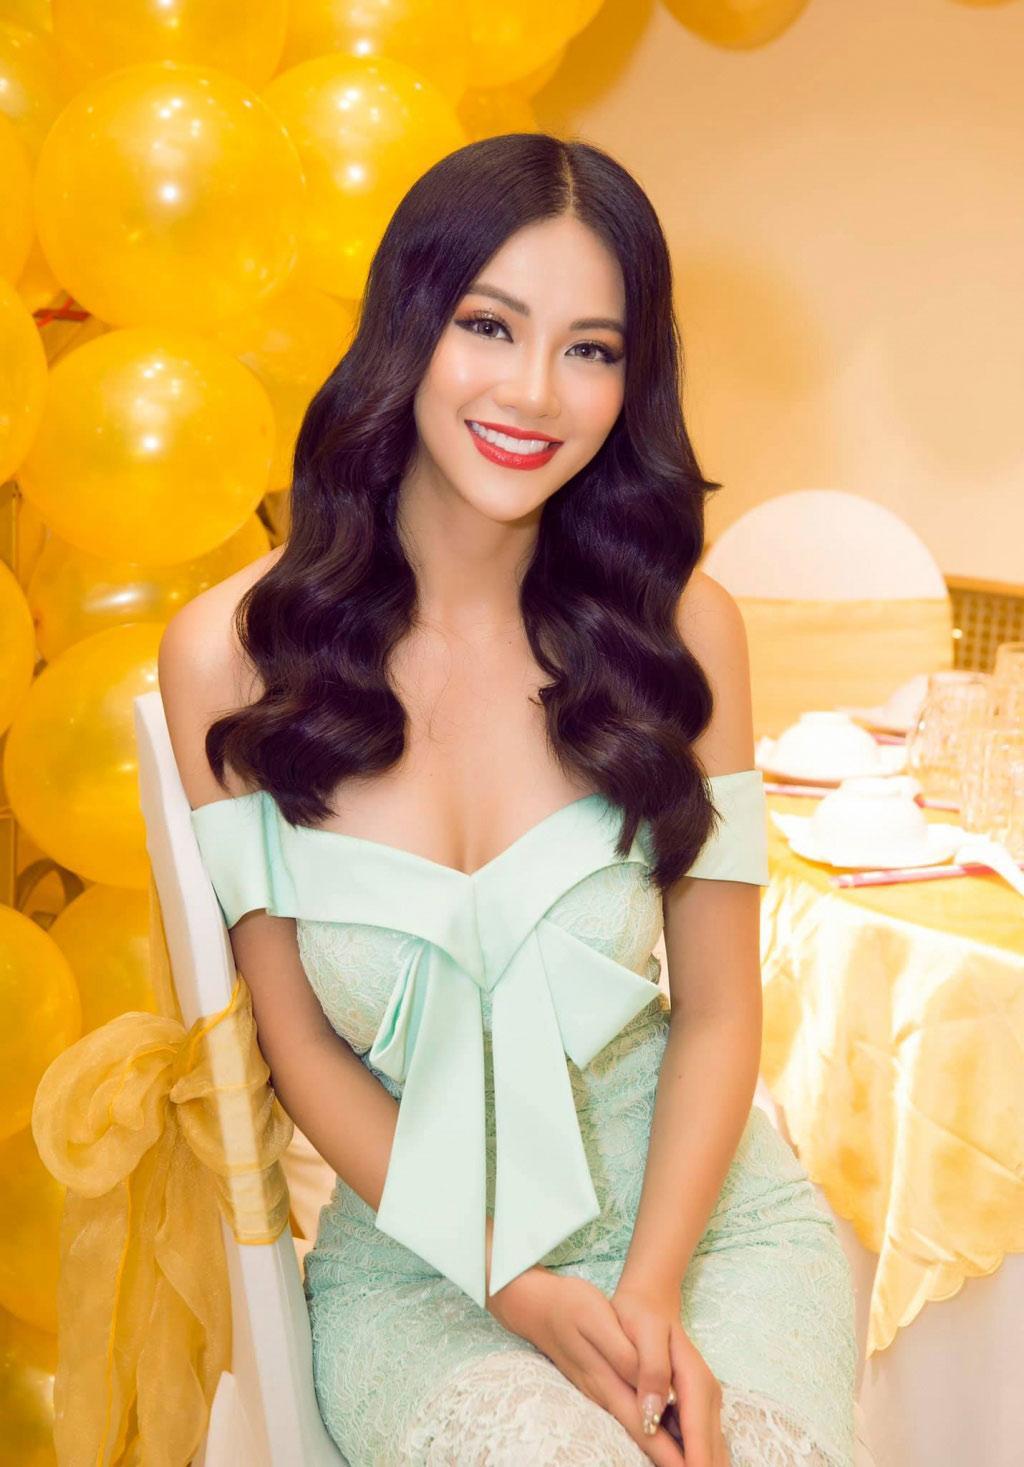 HHen Niê vào top 5 Hoa hậu đẹp nhất thế giới, Phương Khánh bất ngờ bị loại-5